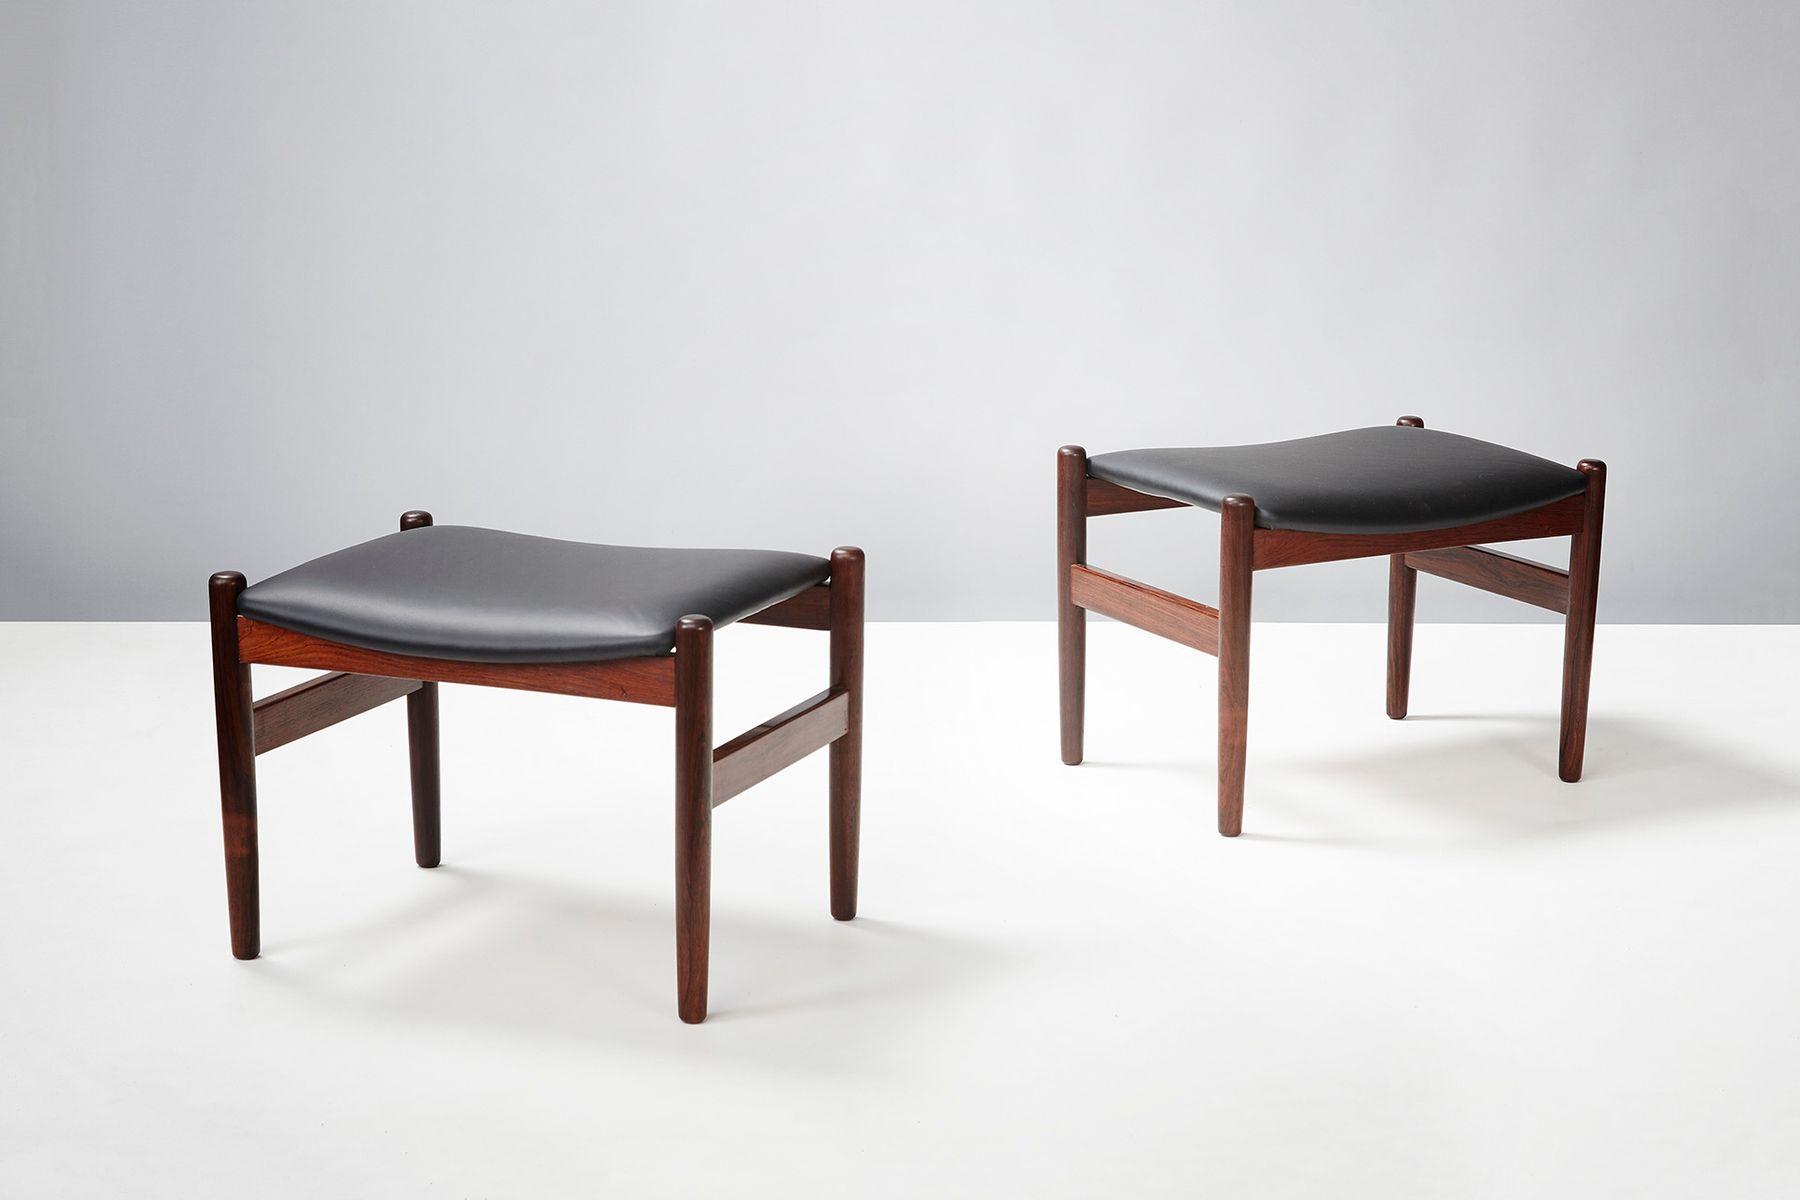 d nische vintage hocker aus palisander leder 2er set bei pamono kaufen. Black Bedroom Furniture Sets. Home Design Ideas